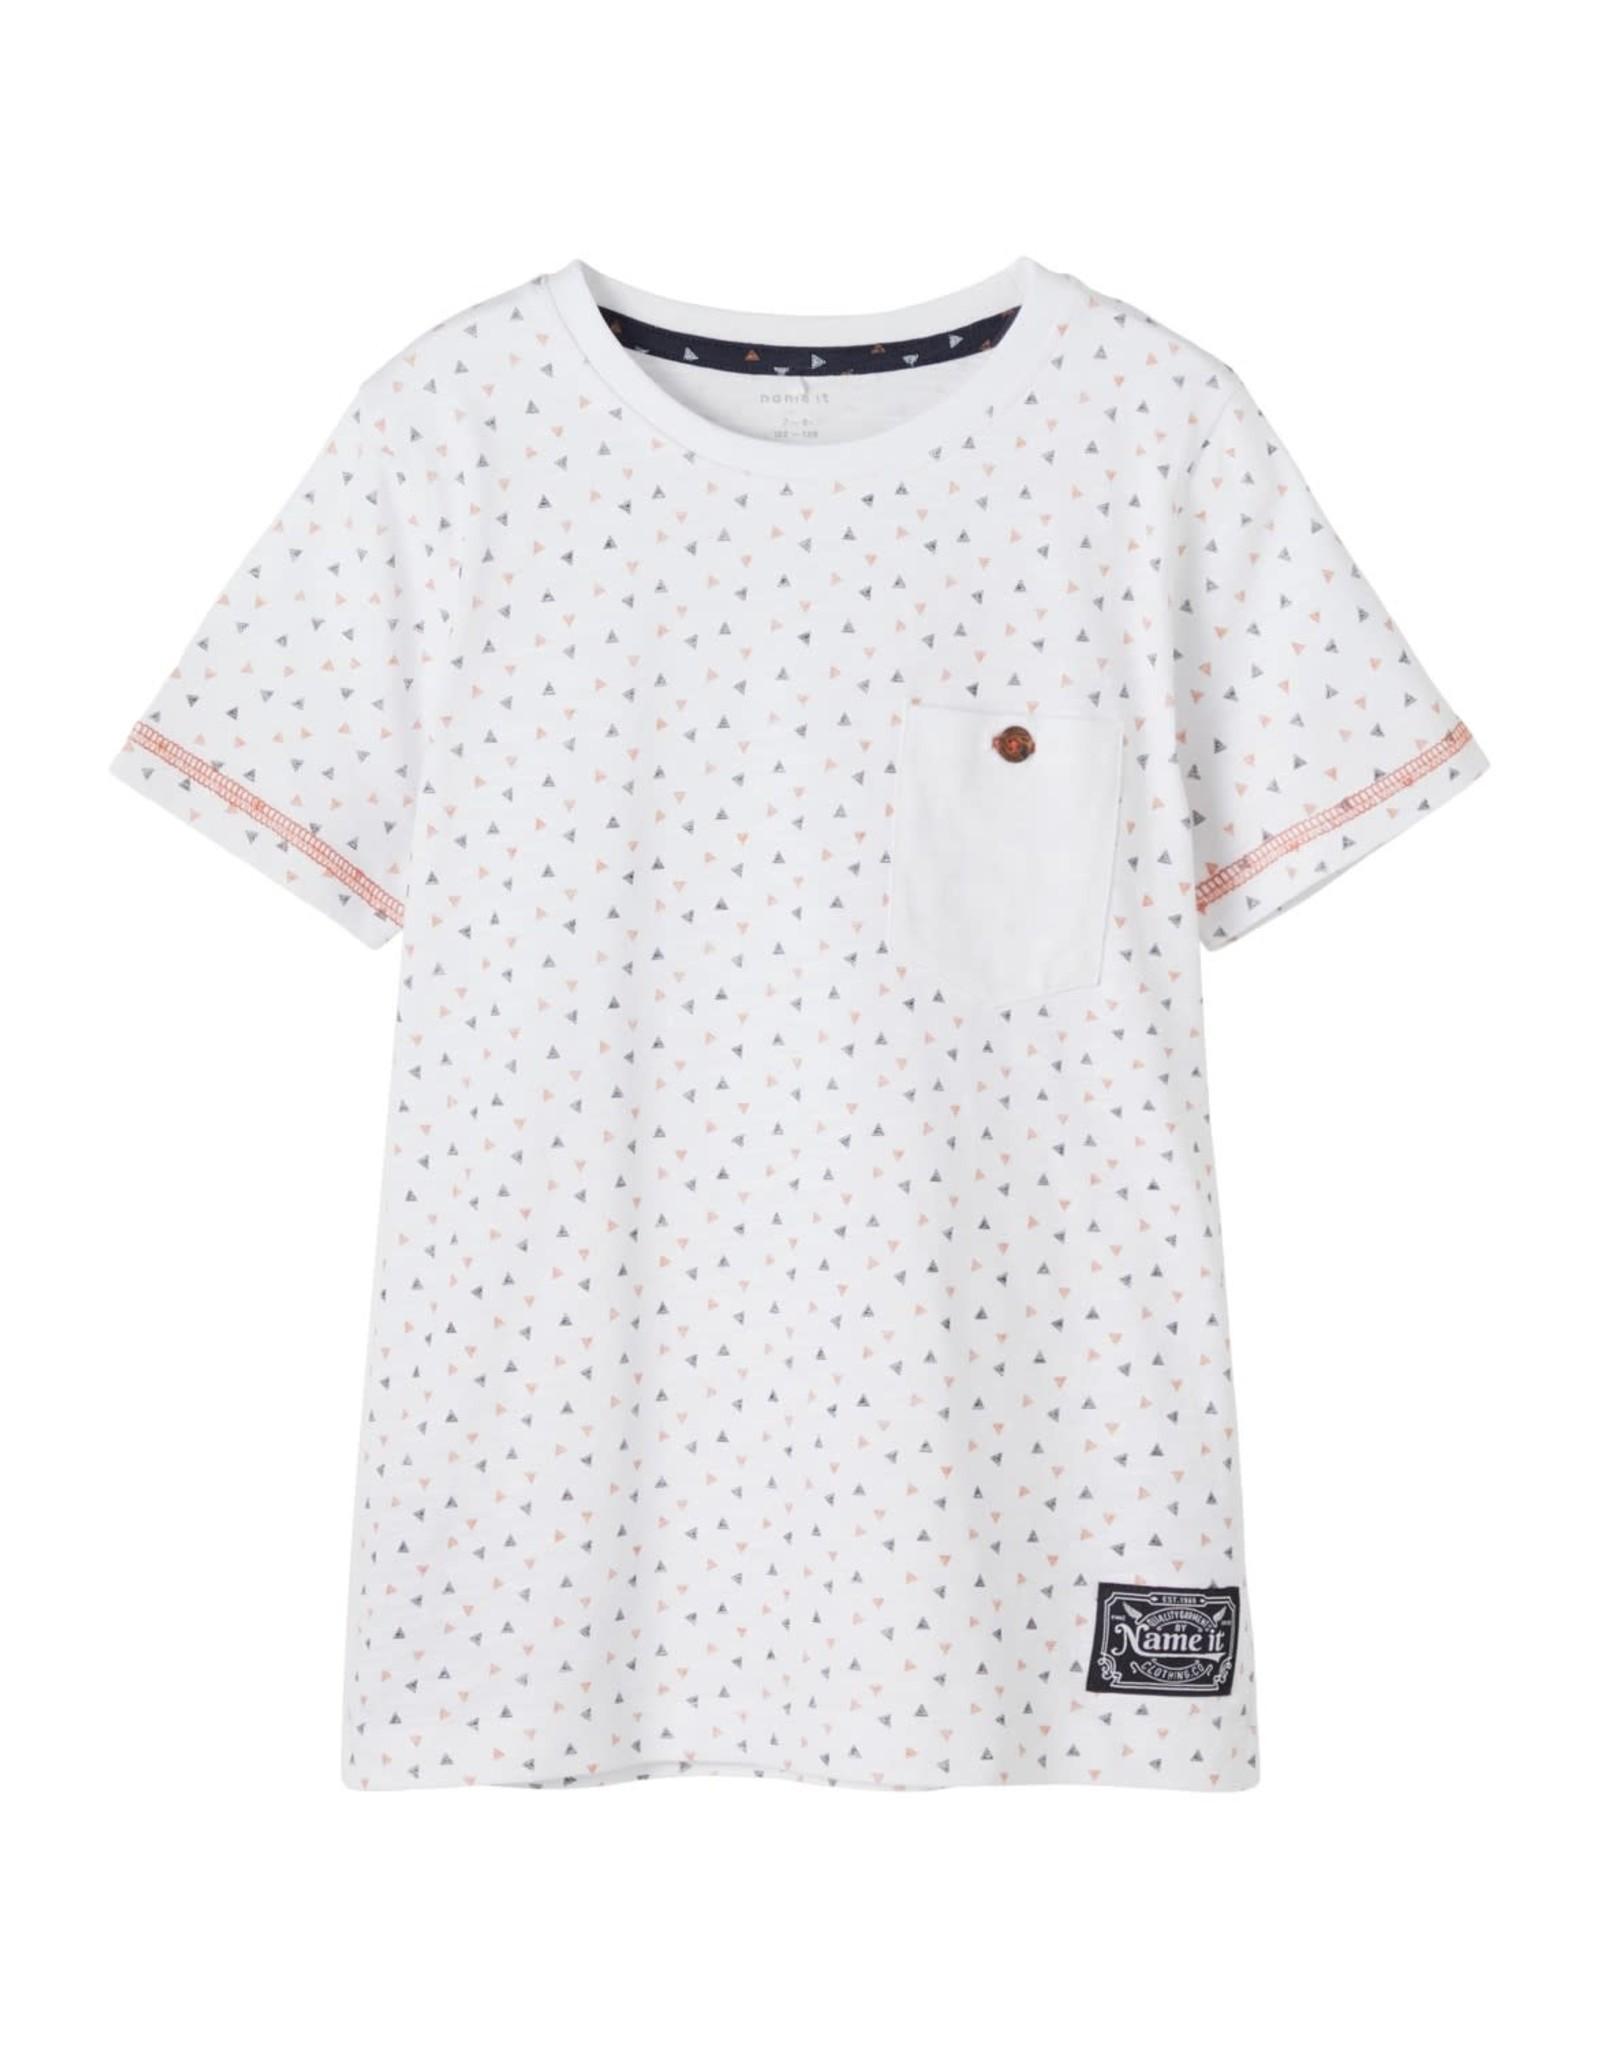 Name It Witte t-shirt met zakje en geometrisch patroon